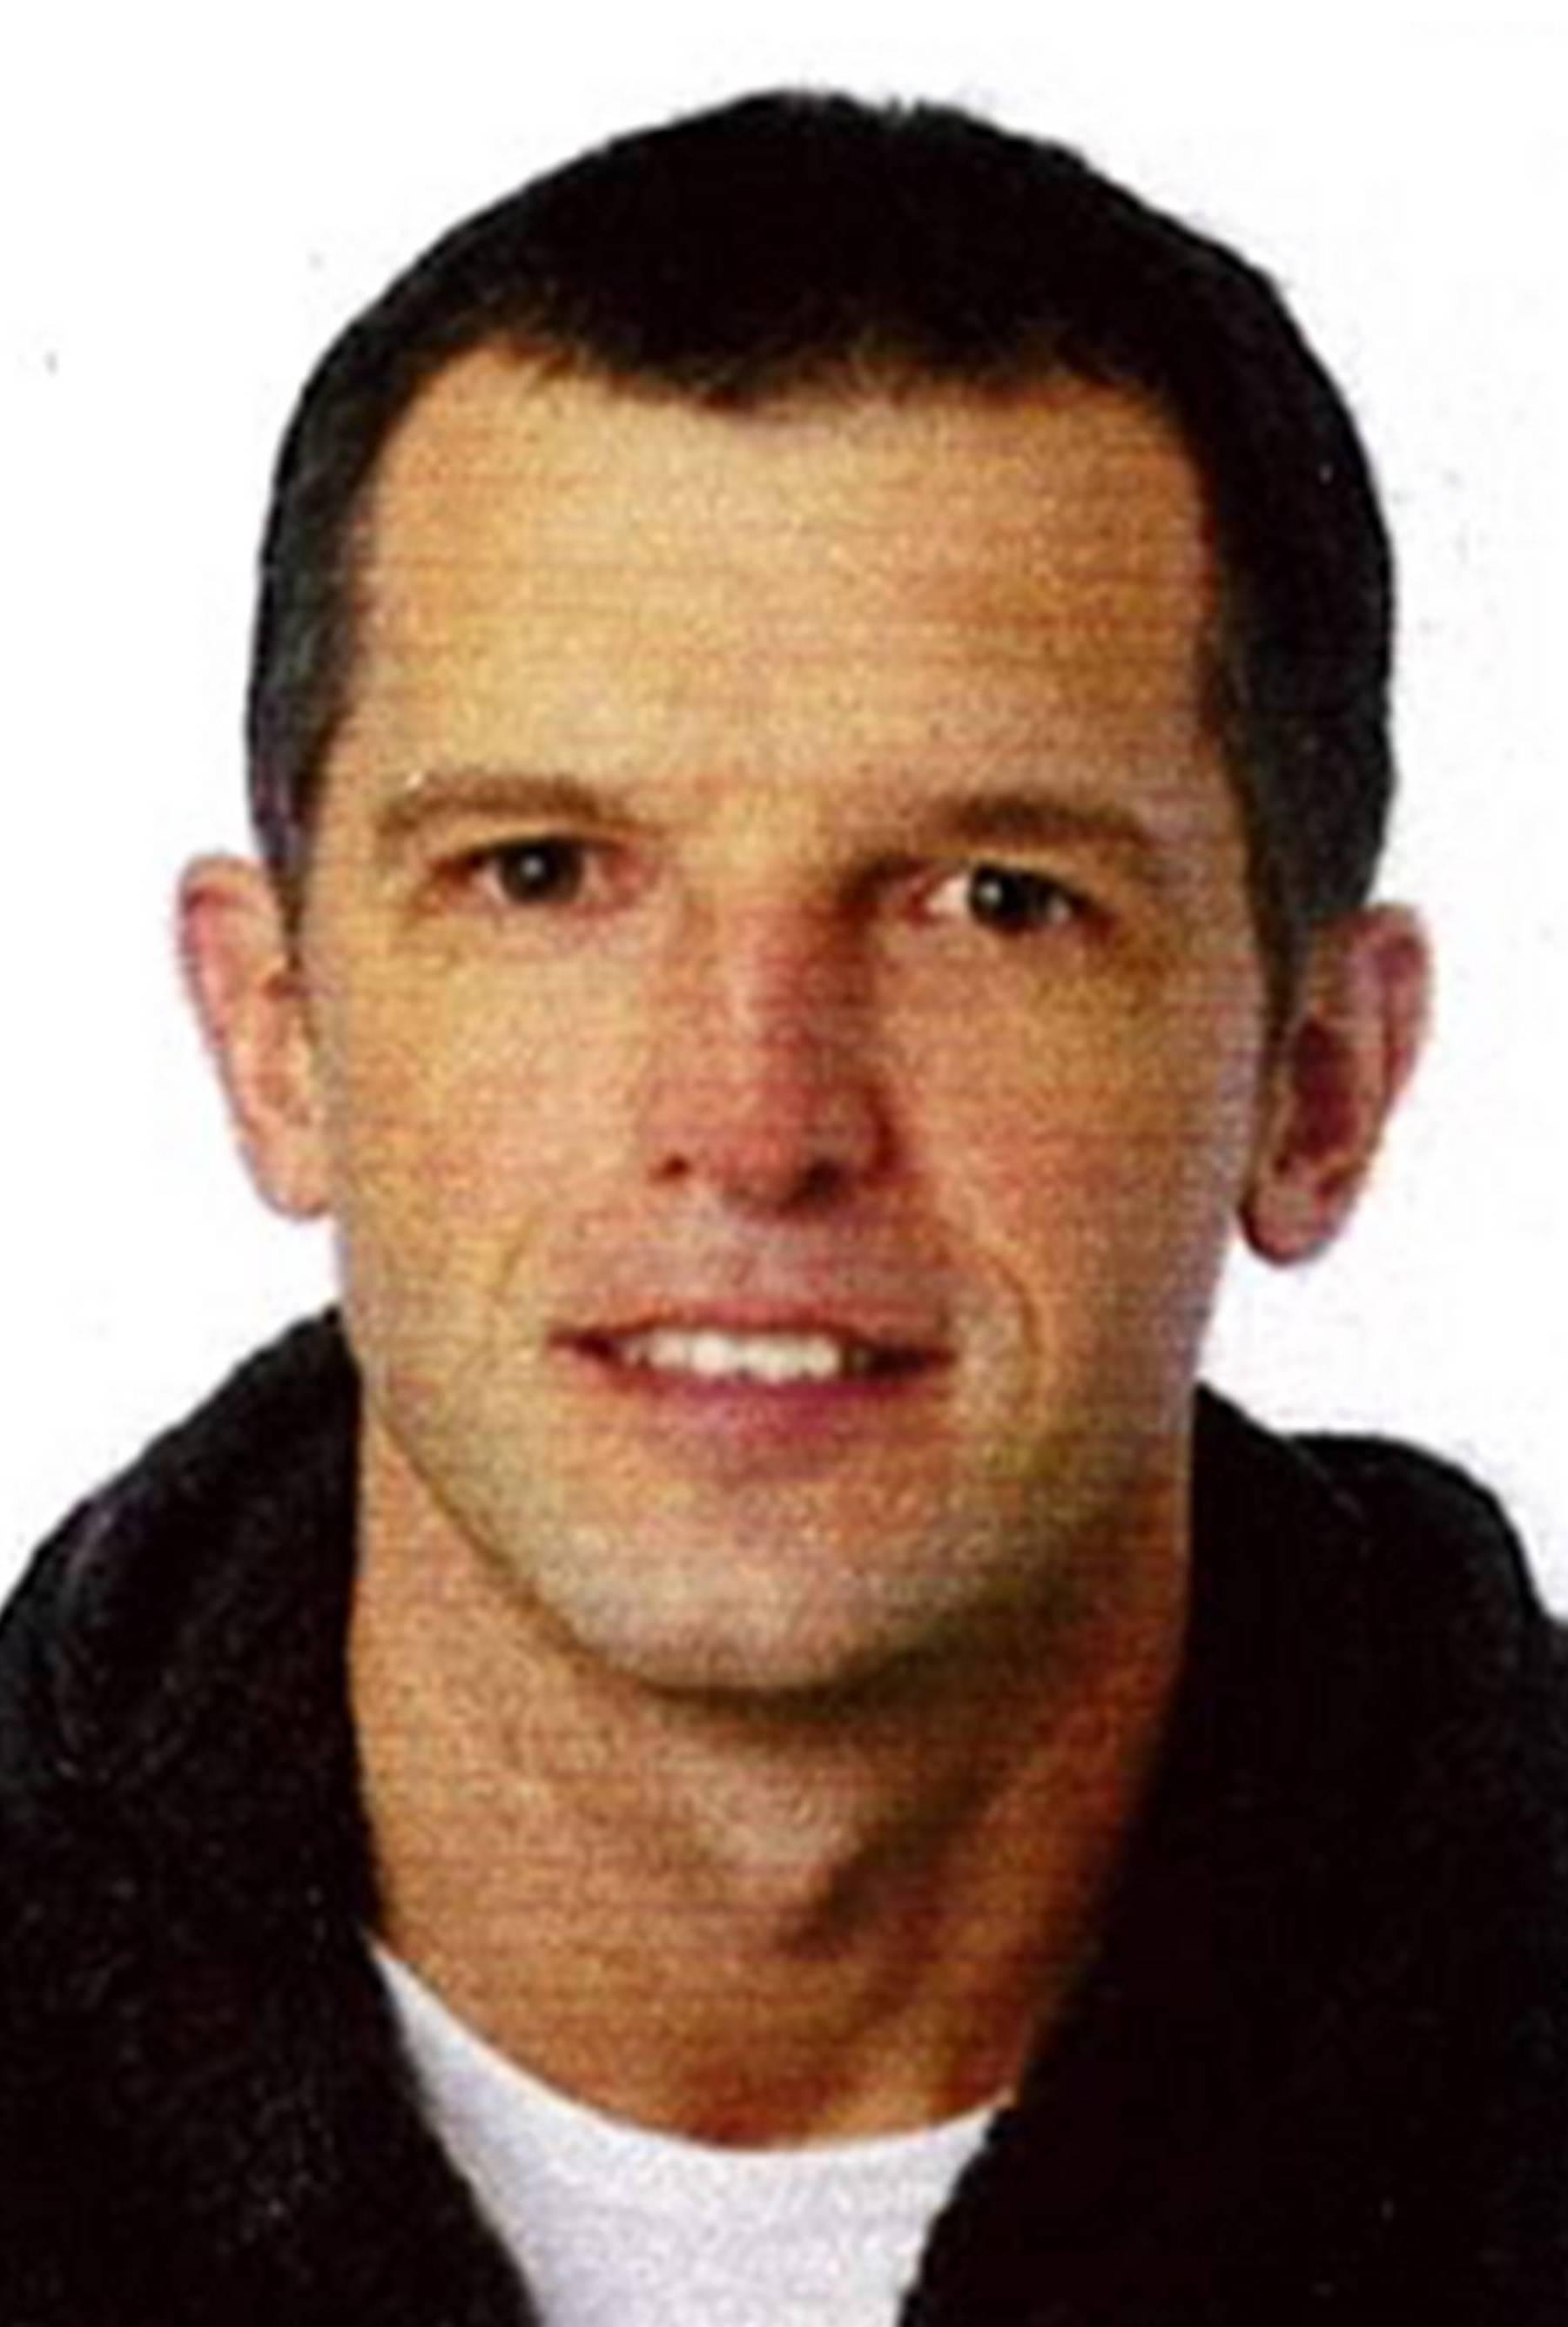 Matsyuk Viktor